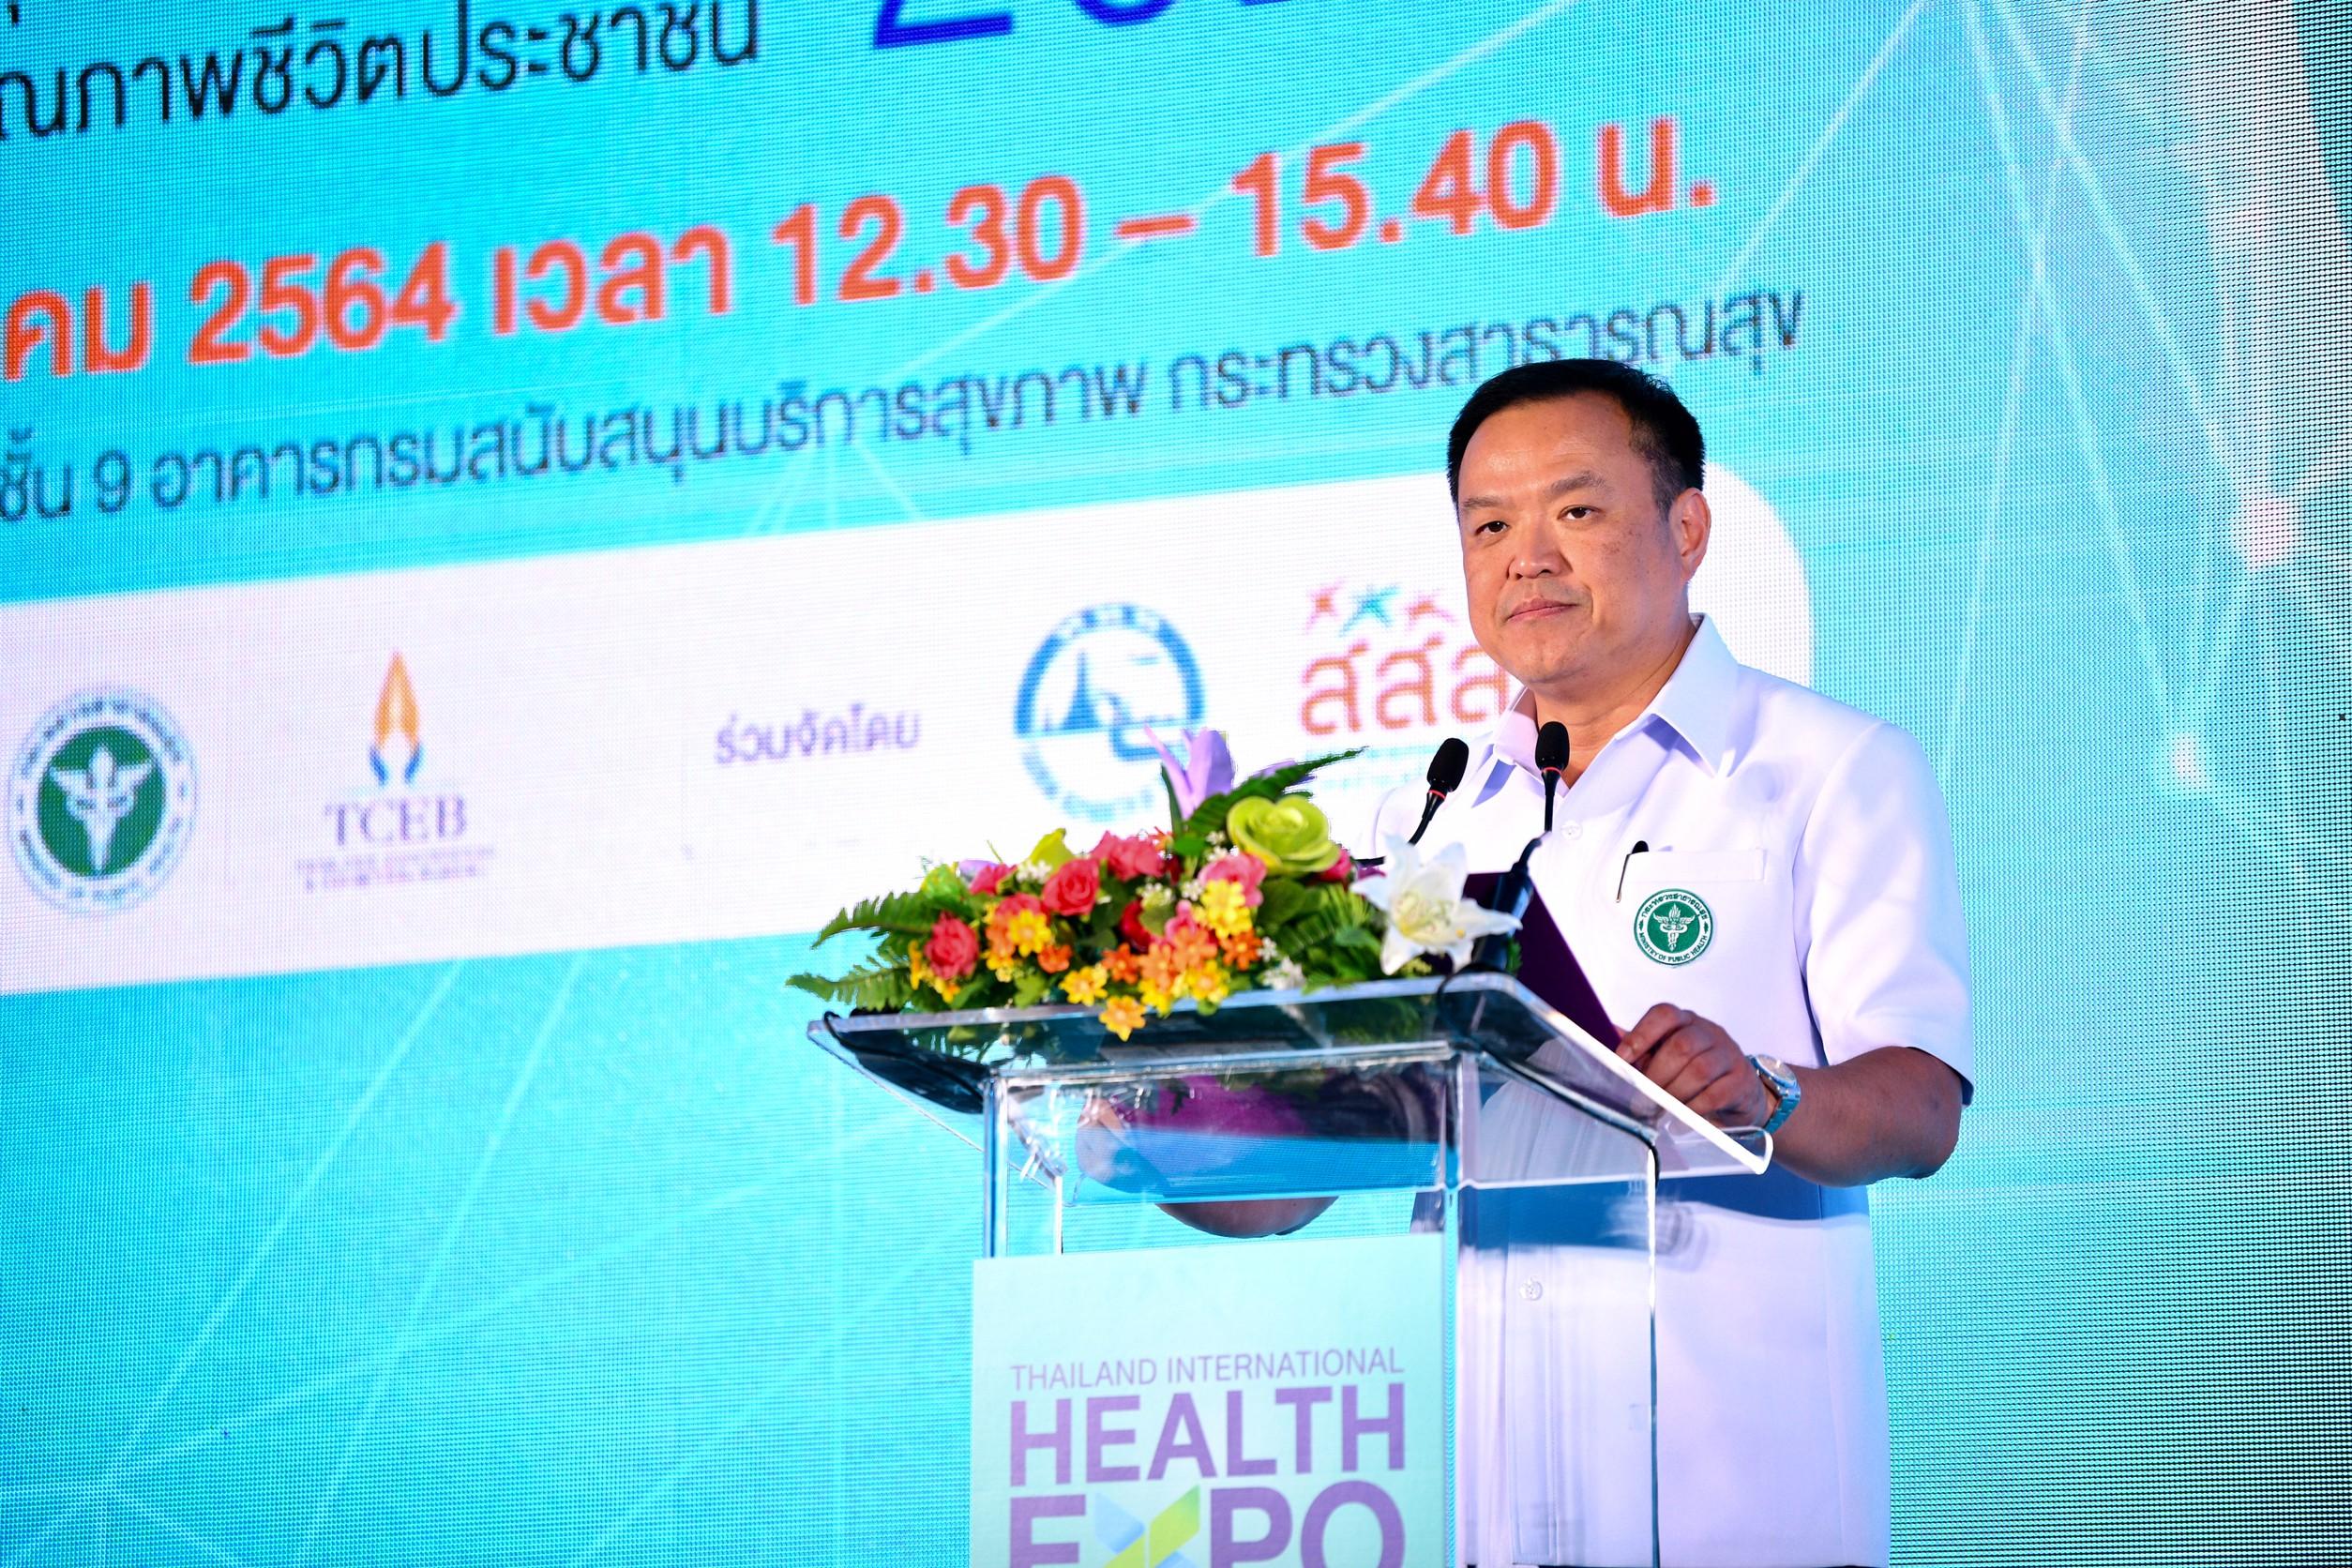 4 องค์กรร่วมกระตุ้นเศรษฐกิจสุขภาพ จัด Thailand International Health Expo 2021 thaihealth